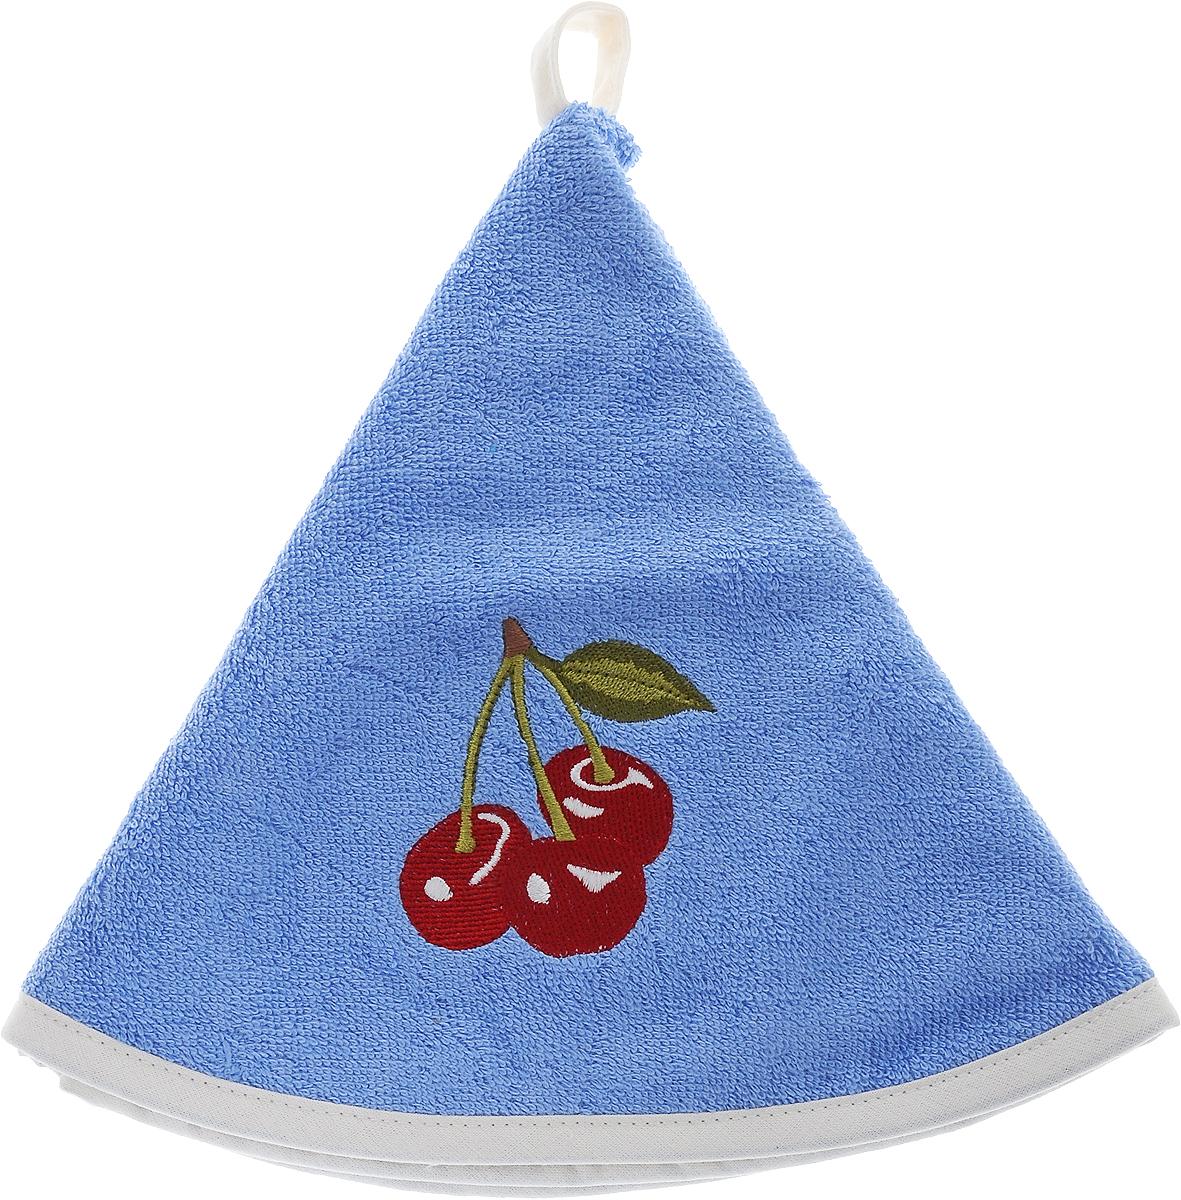 Полотенце кухонное Karna Zelina, цвет: светло-синий, диаметр 50 см504/CHAR004Круглое кухонное полотенце Karna Zelina изготовлено из махровой ткани (100% хлопок), поэтому является экологически чистым. Качество материала гарантирует безопасность не только взрослым, но и самым маленьким членам семьи. Изделие мягкое и приятное на ощупь, оснащено удобной петелькой и украшено оригинальной вышивкой. Полотенце хорошо впитывает влагу, легко стирается в стиральной машине и обладает высокой износоустойчивостью. Кухонное полотенце Karna Zelina сделает интерьер вашей кухни стильным и гармоничным. Диаметр полотенца: 50 см.